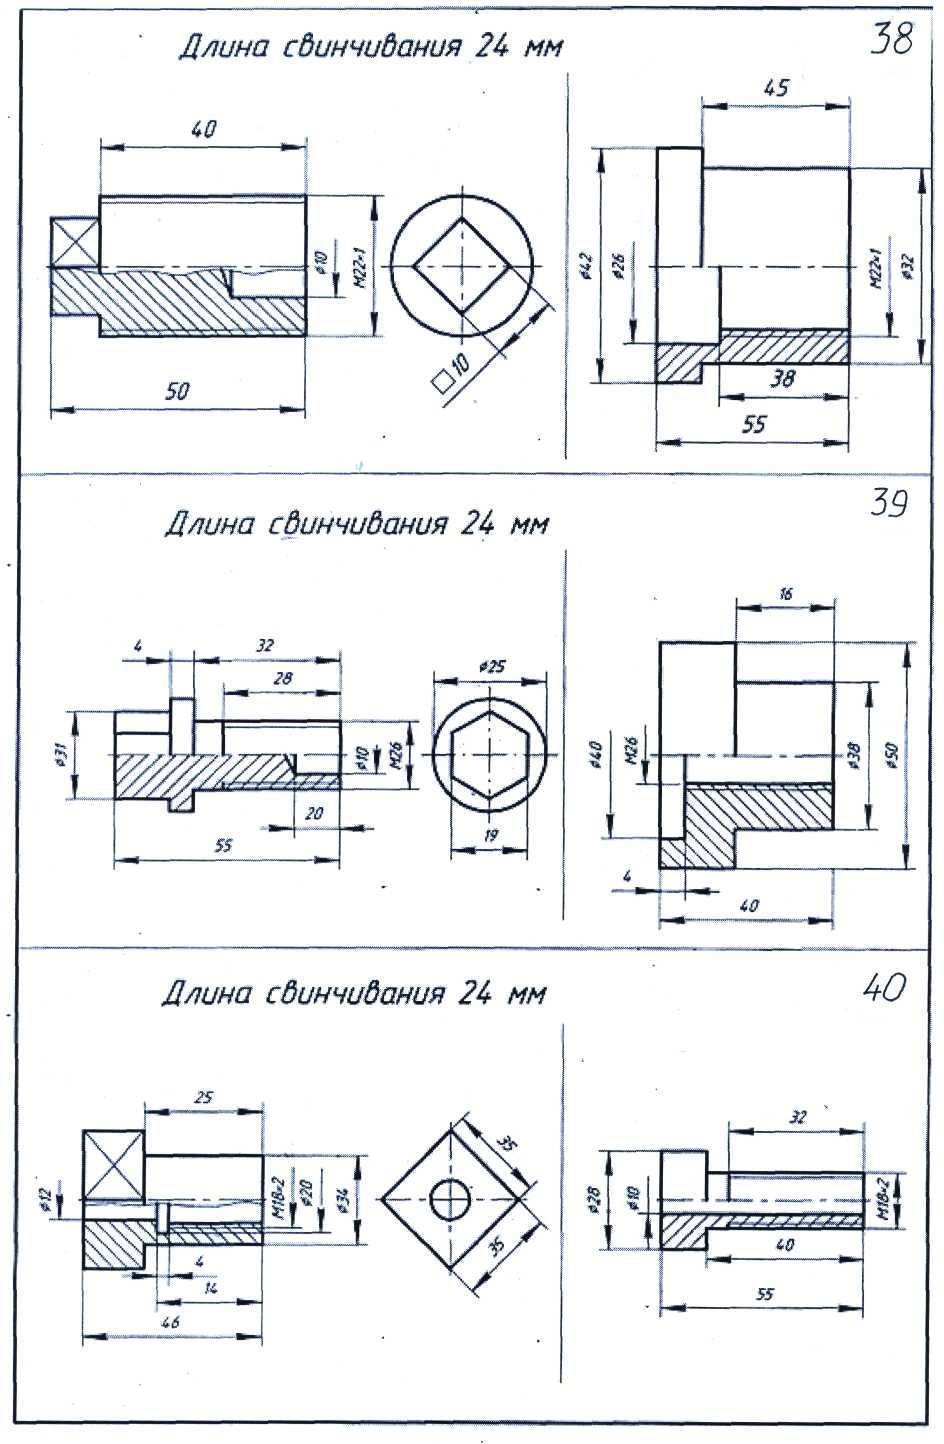 Контрольная работа по инженерной графике модель заработать онлайн еманжелинск